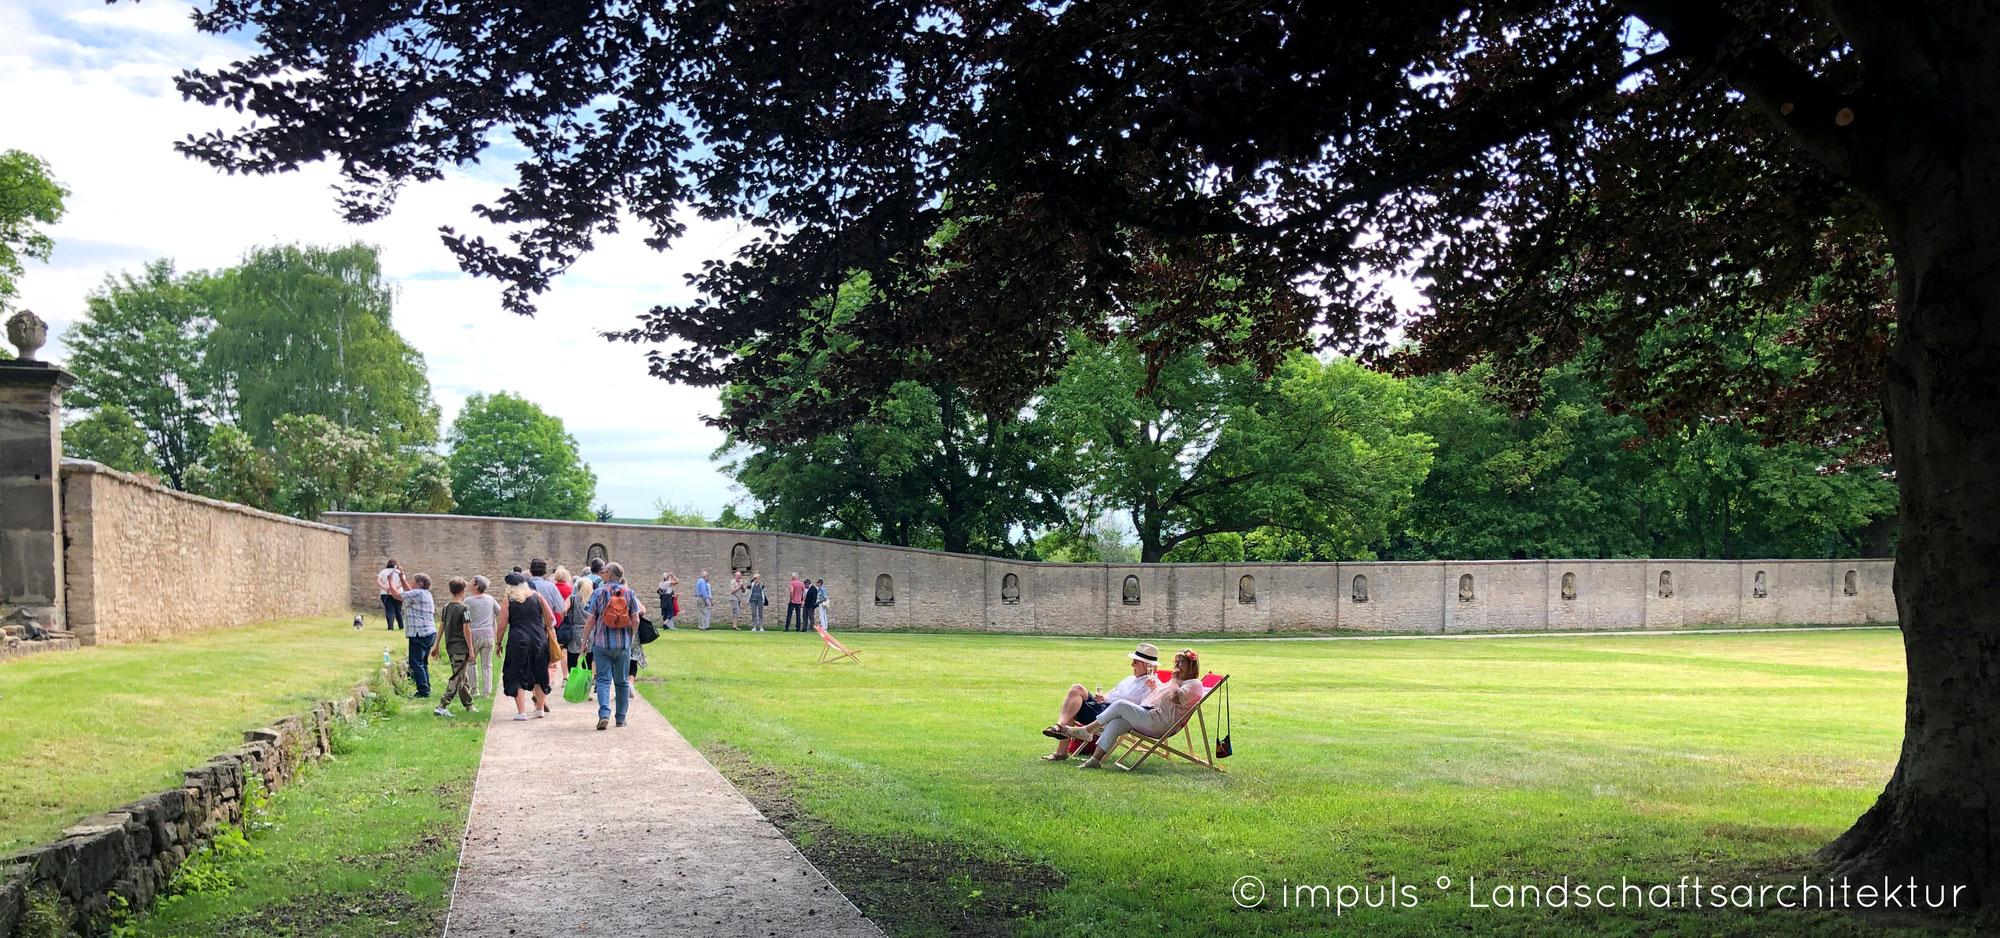 Der Außenstandort Schlosspark Kromsdorf der BUGA 2021 in Erfurt wurde eingeweiht